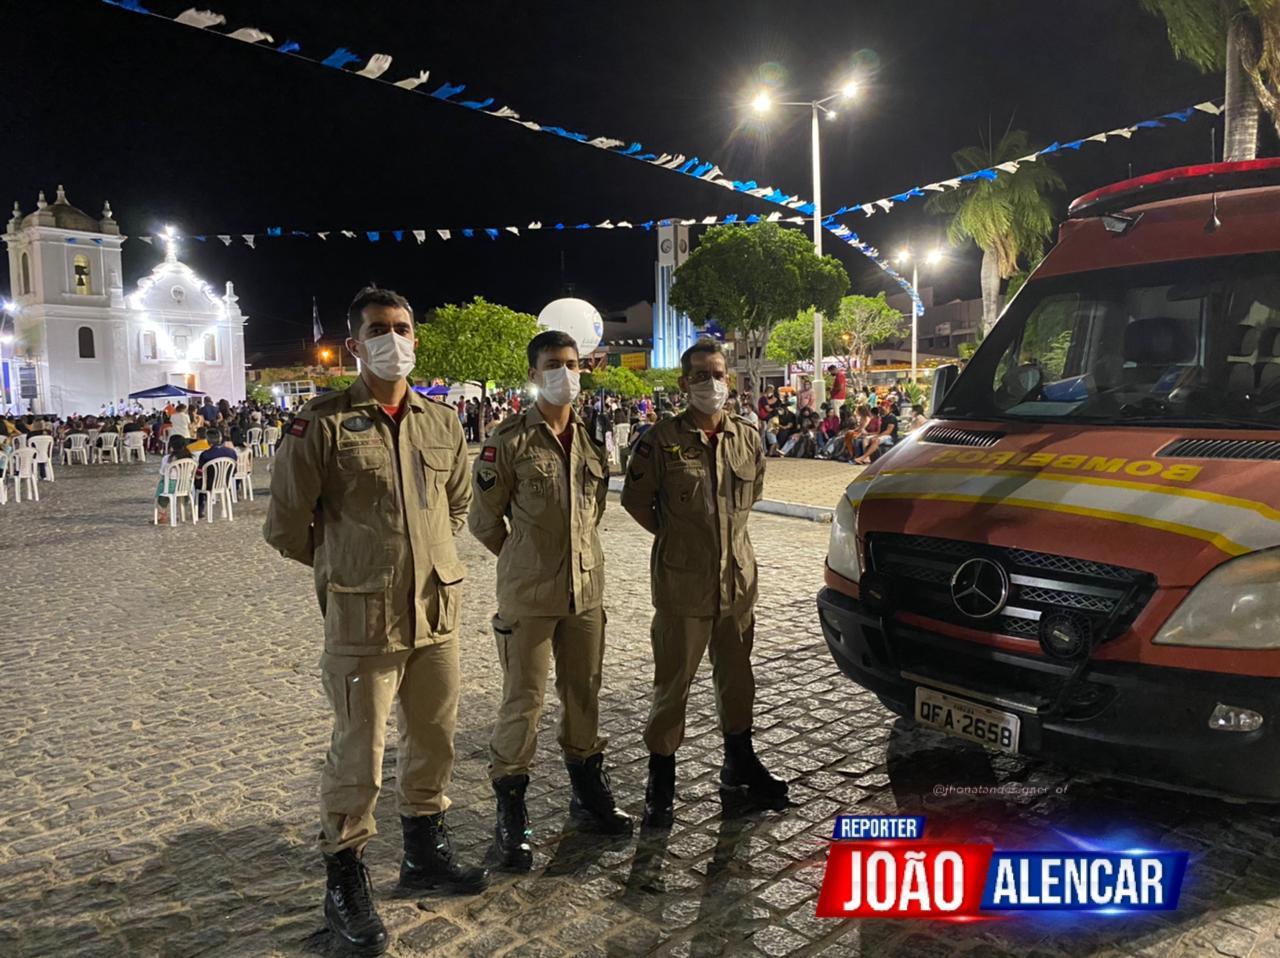 Neste sábado (25), o Corpo de Bombeiros Militar da Paraíba, através da 2ª CBM/6º BBM, está realizando o serviço de prevenção da tradicional Festa do Rosário, no cento de Pombal.